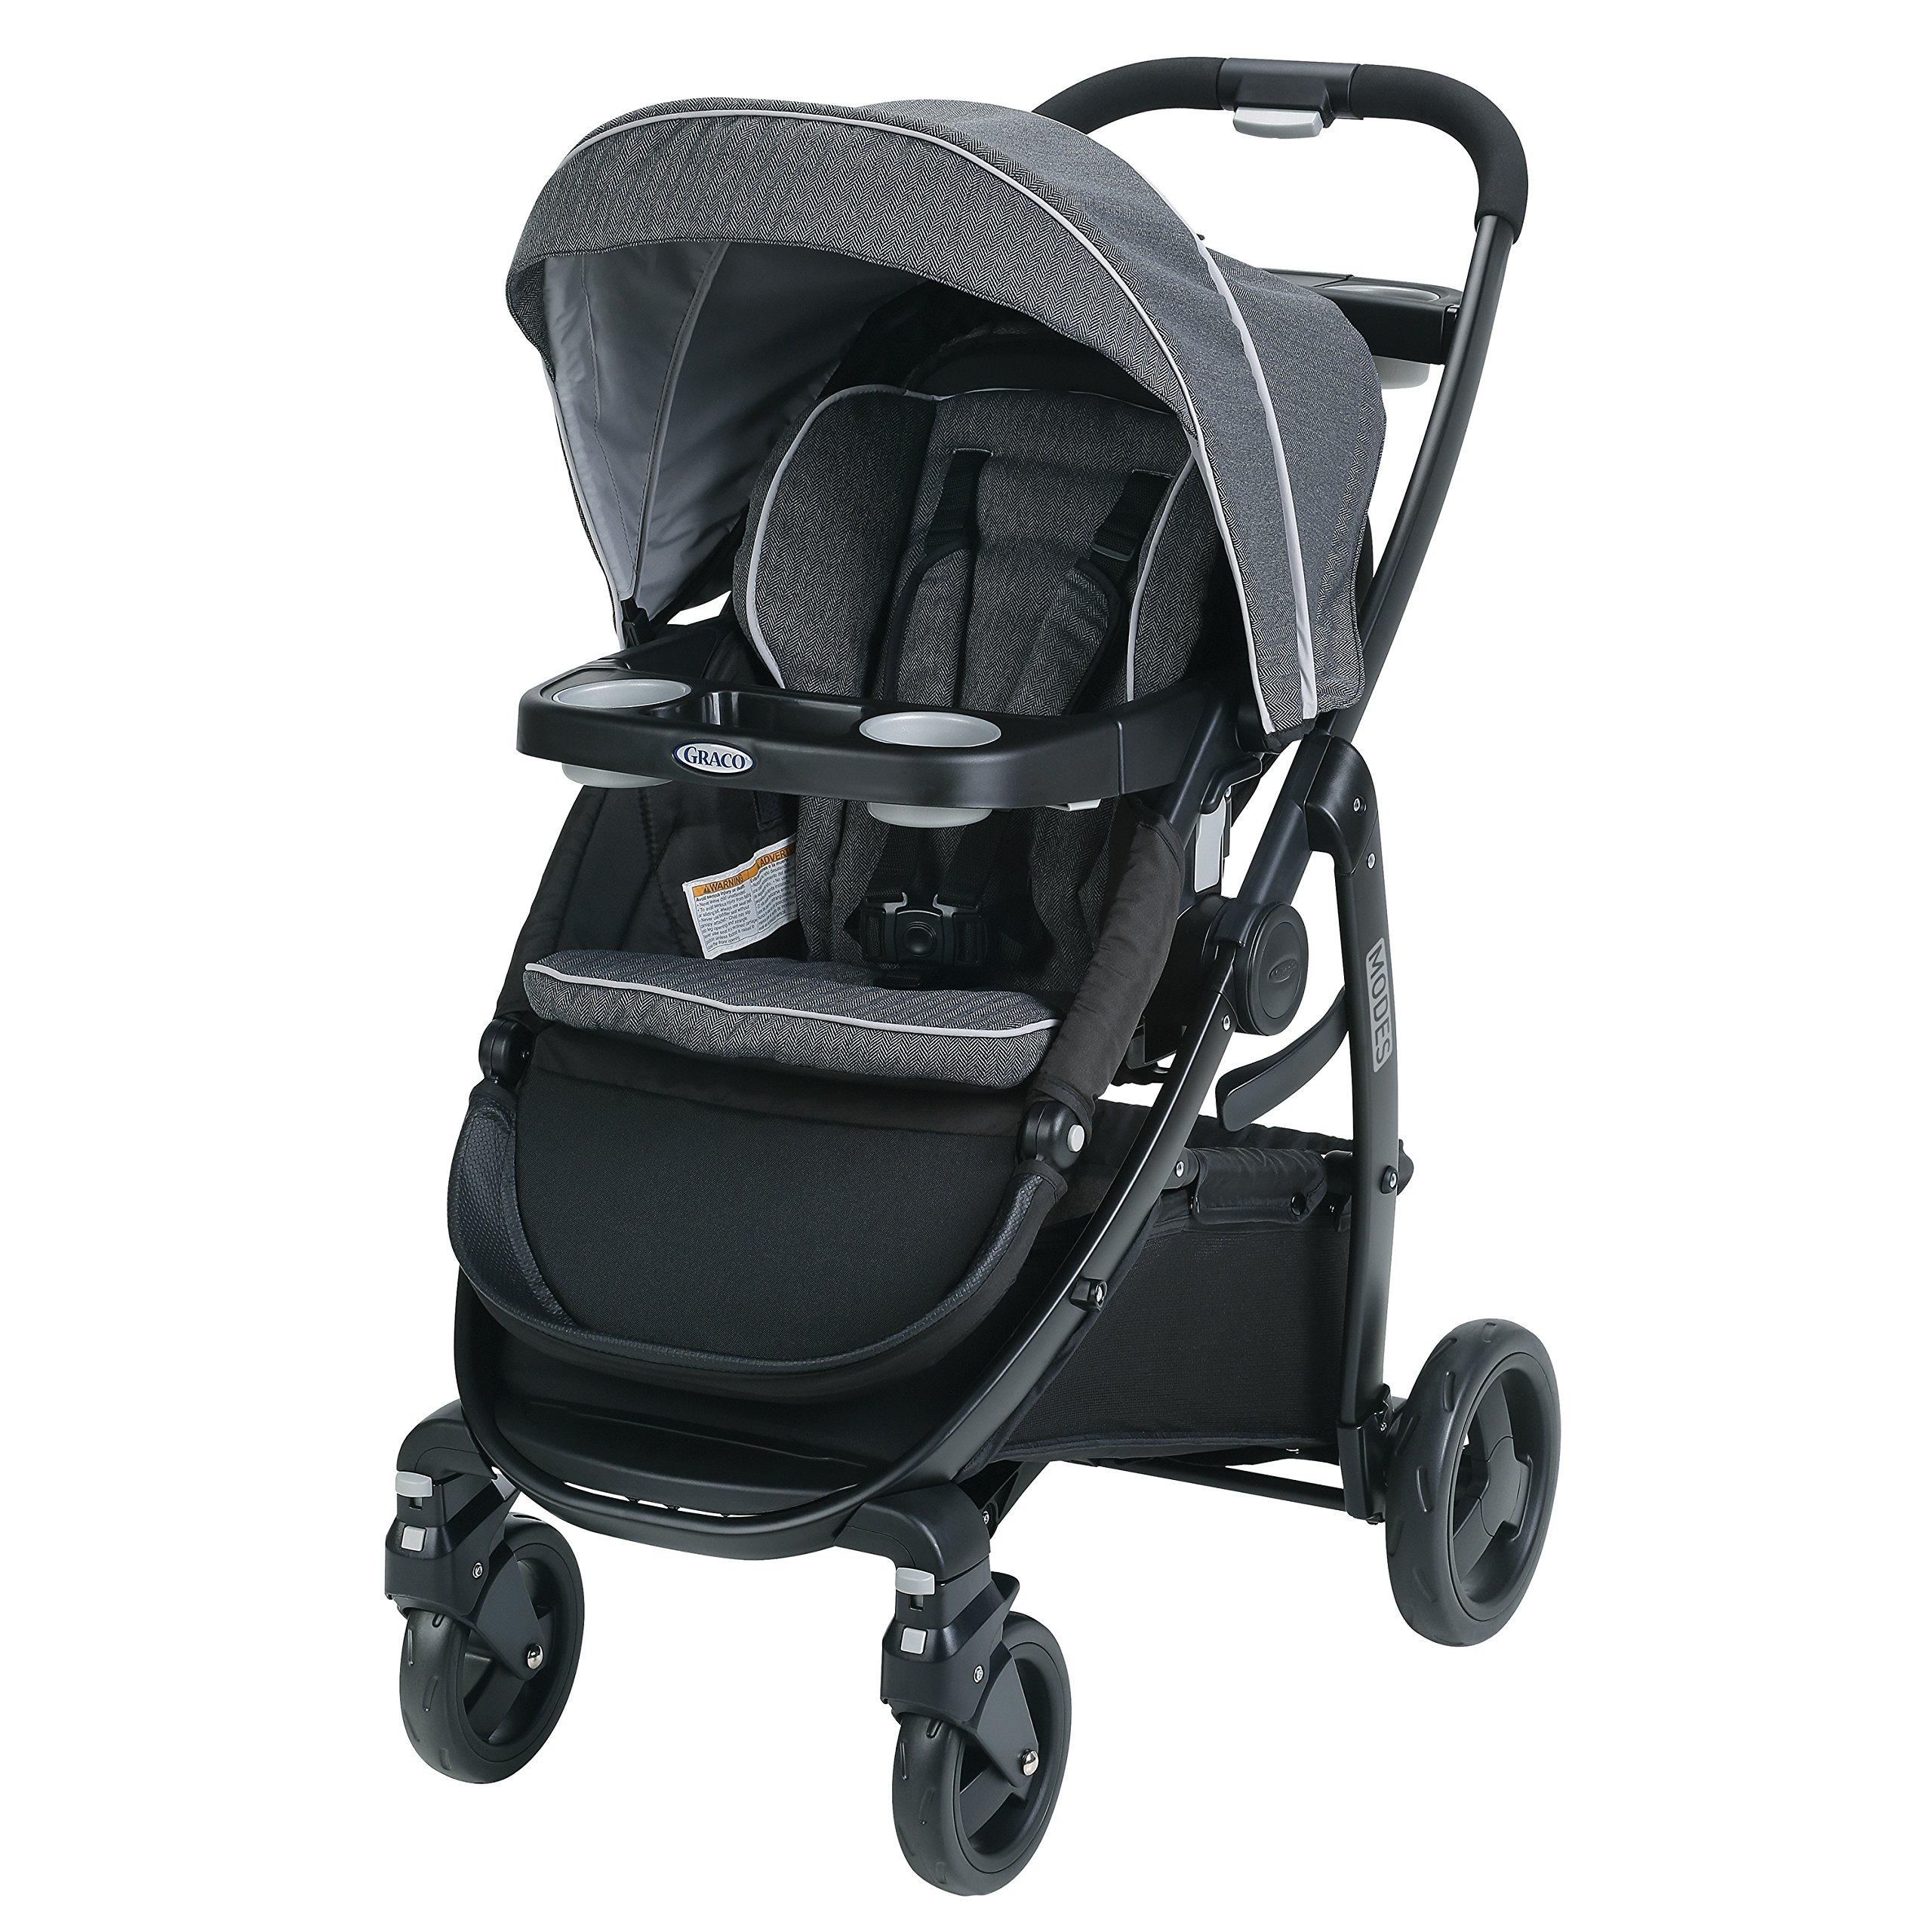 Graco Modes Stroller, Click Connect, Grayson